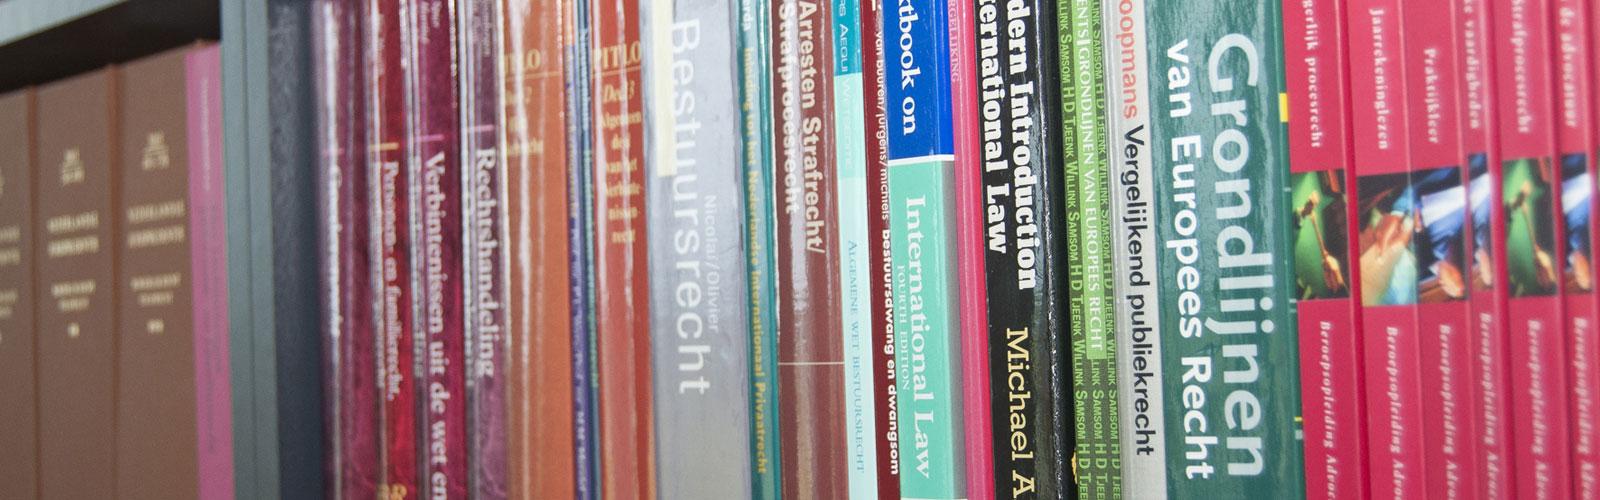 wiekeraad-de-ruiter-boeken